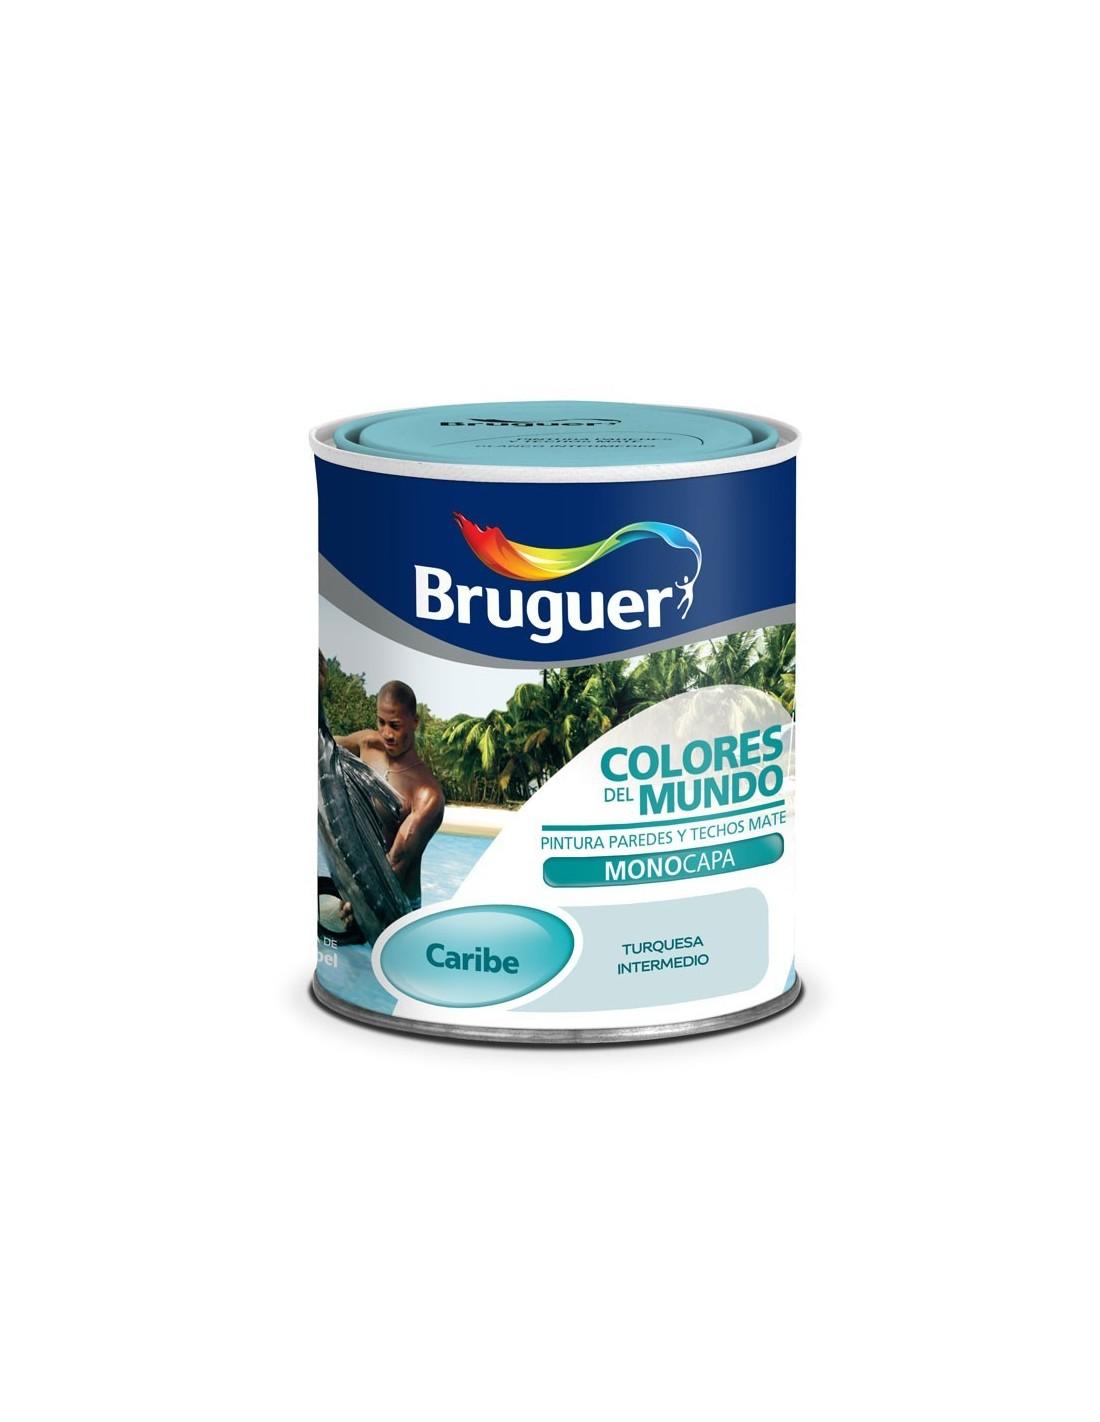 Bruguer colores del mundo caribe pinturas m laga sol - Bruguer colores del mundo ...